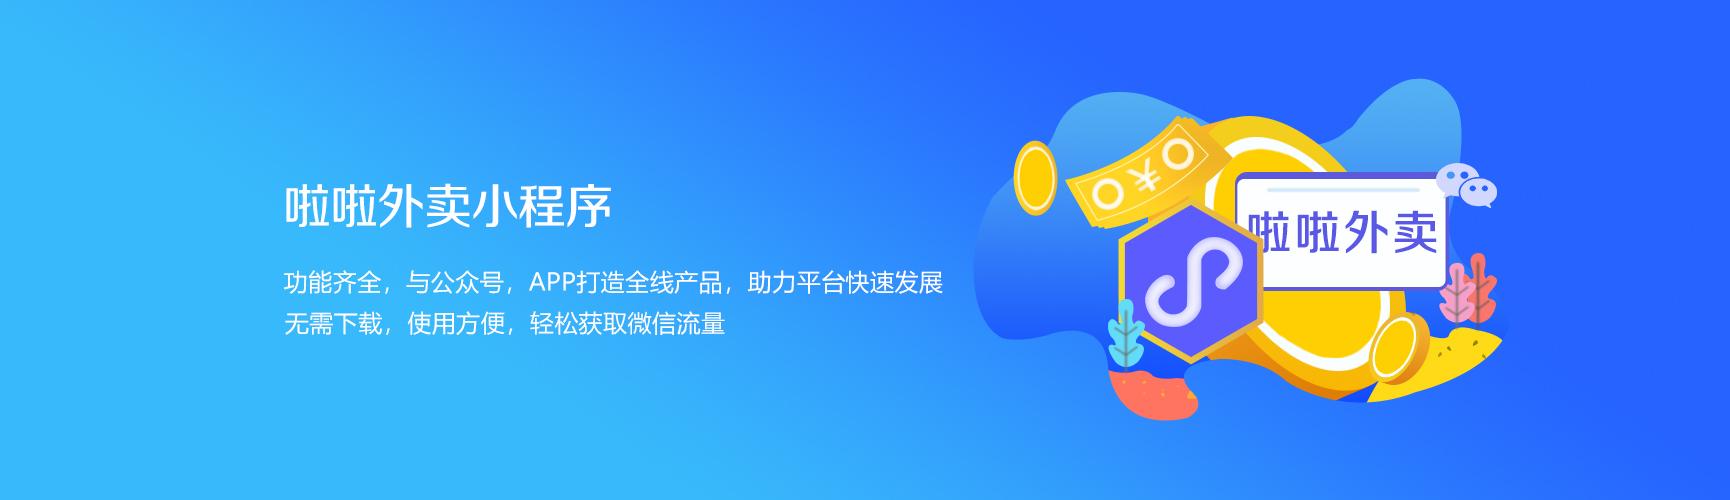 啦啦外卖全开源至尊版we7_wmall 20.7.0+客户端+商户端+配送端+APP